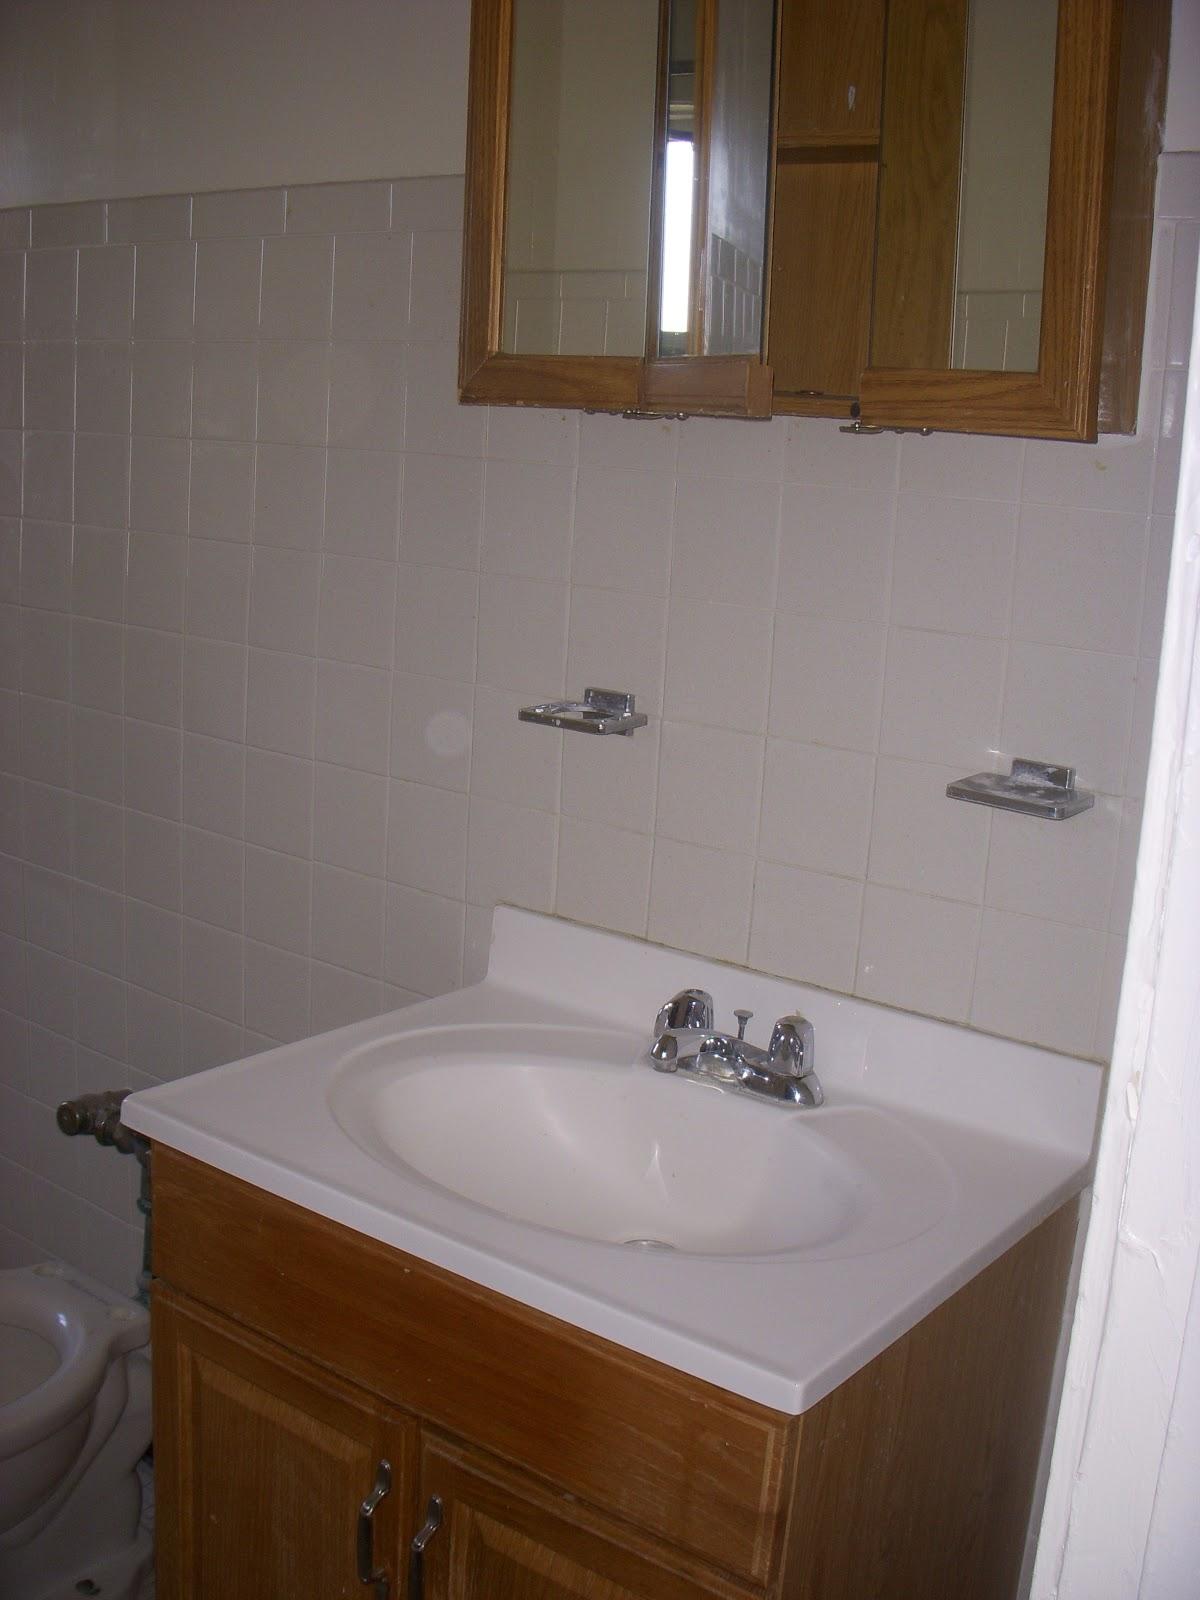 apê é grandinho mas tem só um banheiro que é meio velhinho  #452F1C 1200x1600 Banheiro Adaptado Com Banheira